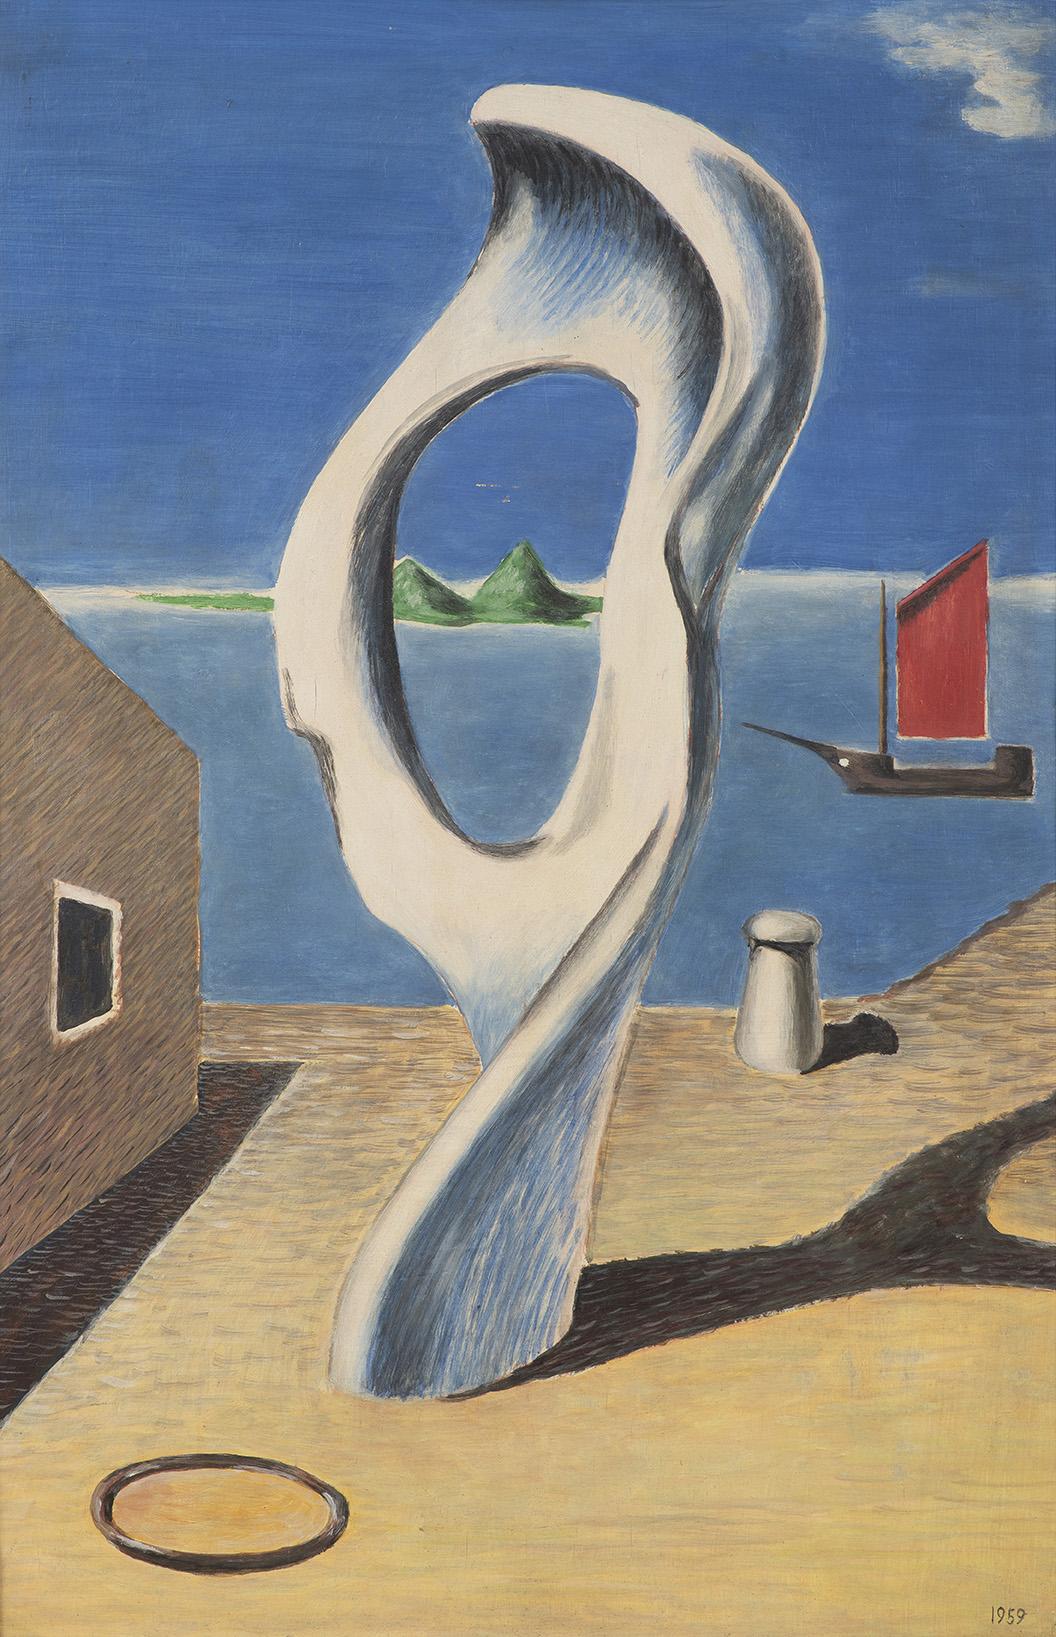 frantisek-maria-cerny-1959-arthouse-hejtmanek